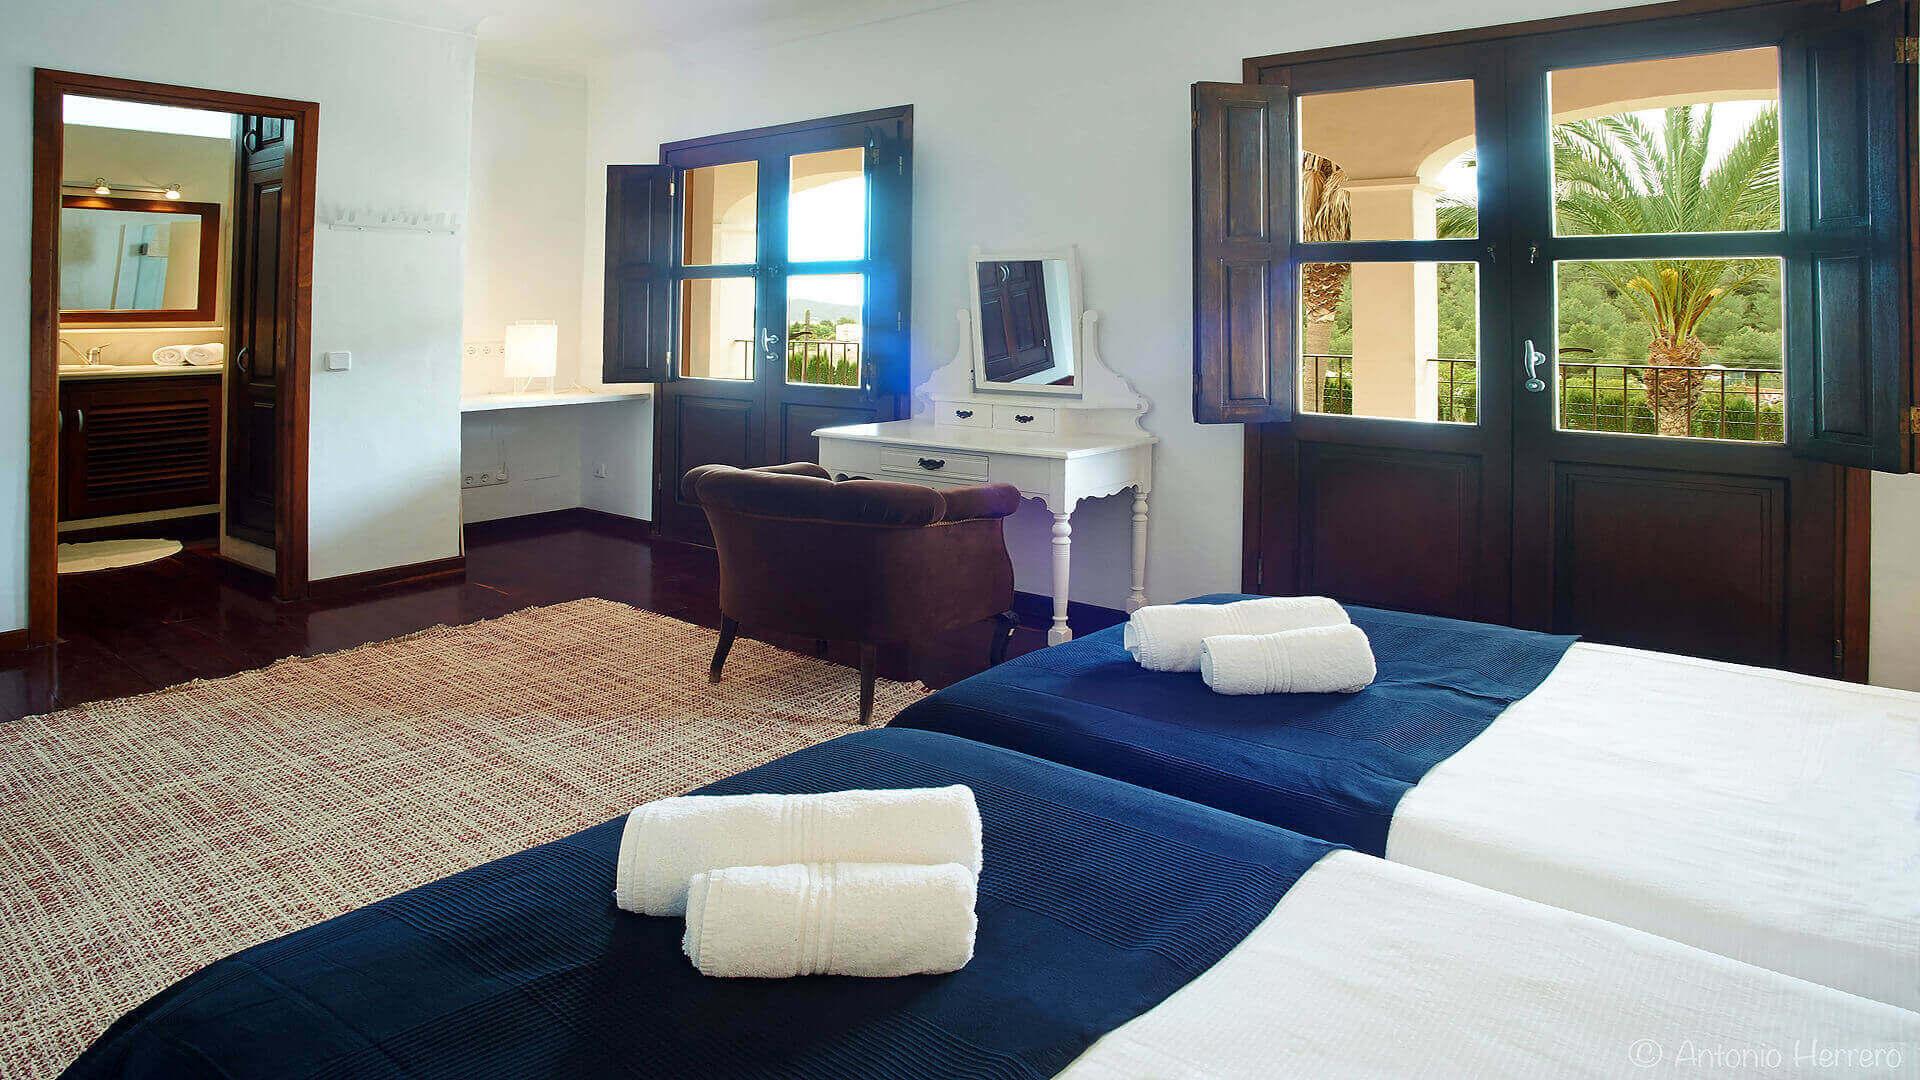 Villa Alicia Ibiza 32 Bedroom 3